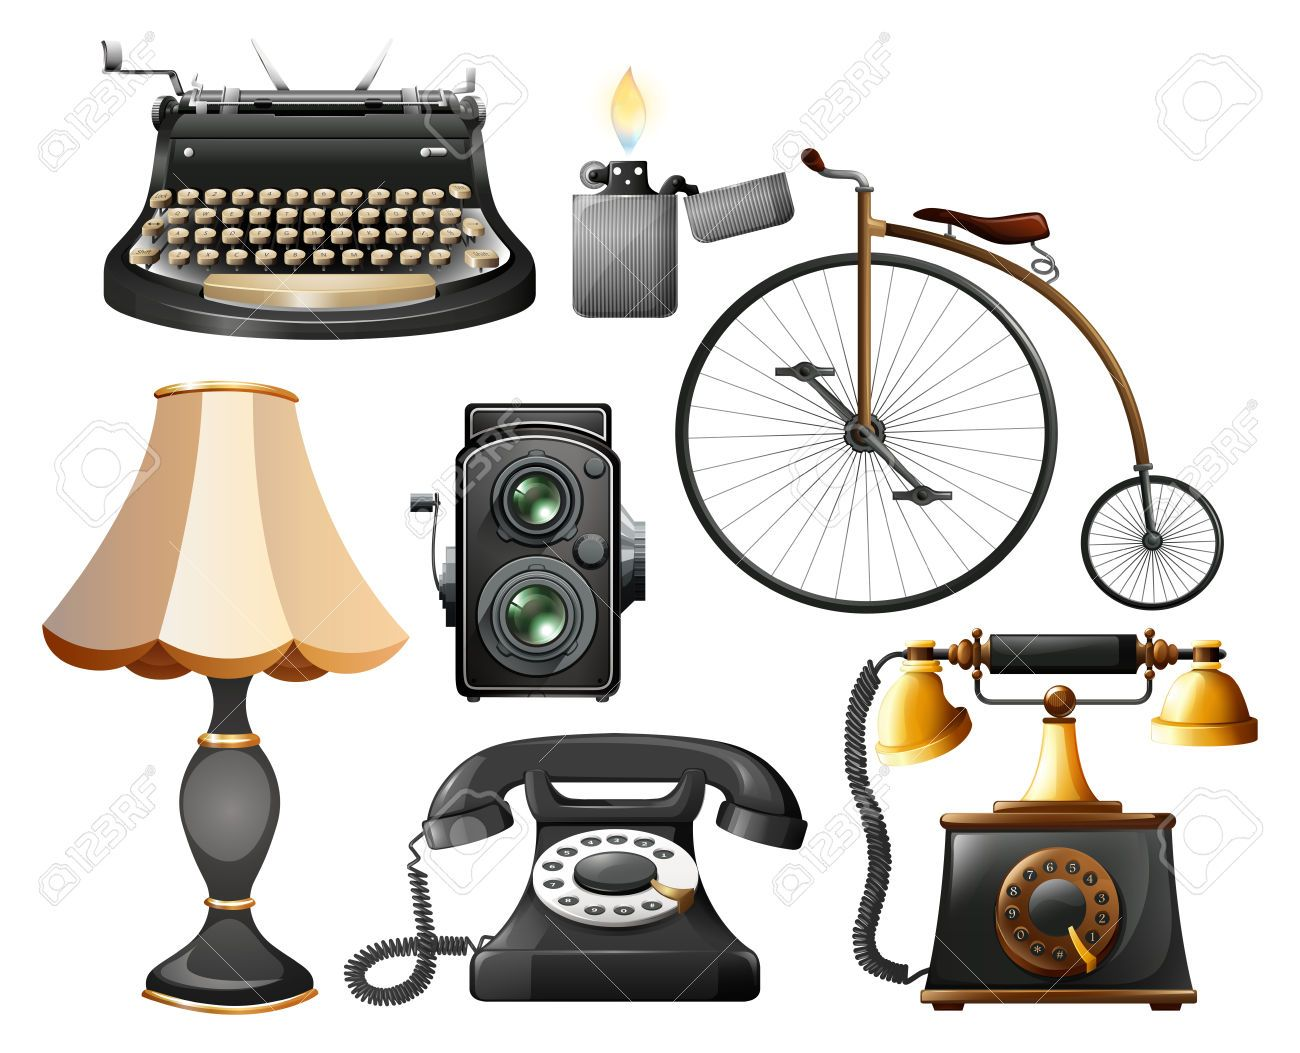 risultati immagini per oggetti  oggetti che mi piacciono  - risultati immagini per oggetti